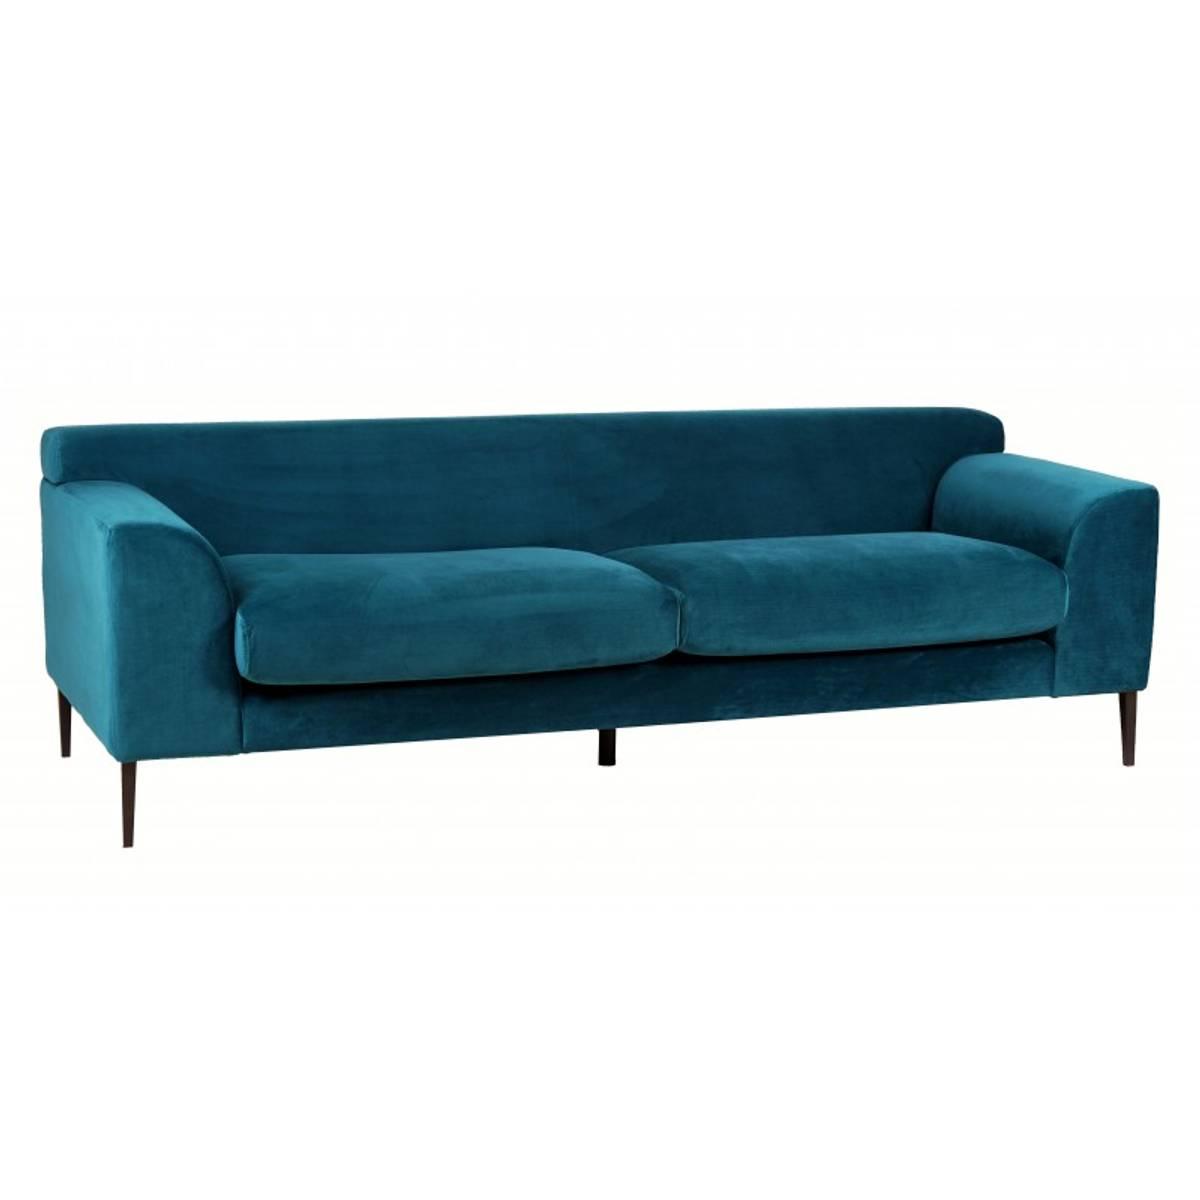 Remini 3-seter sofa